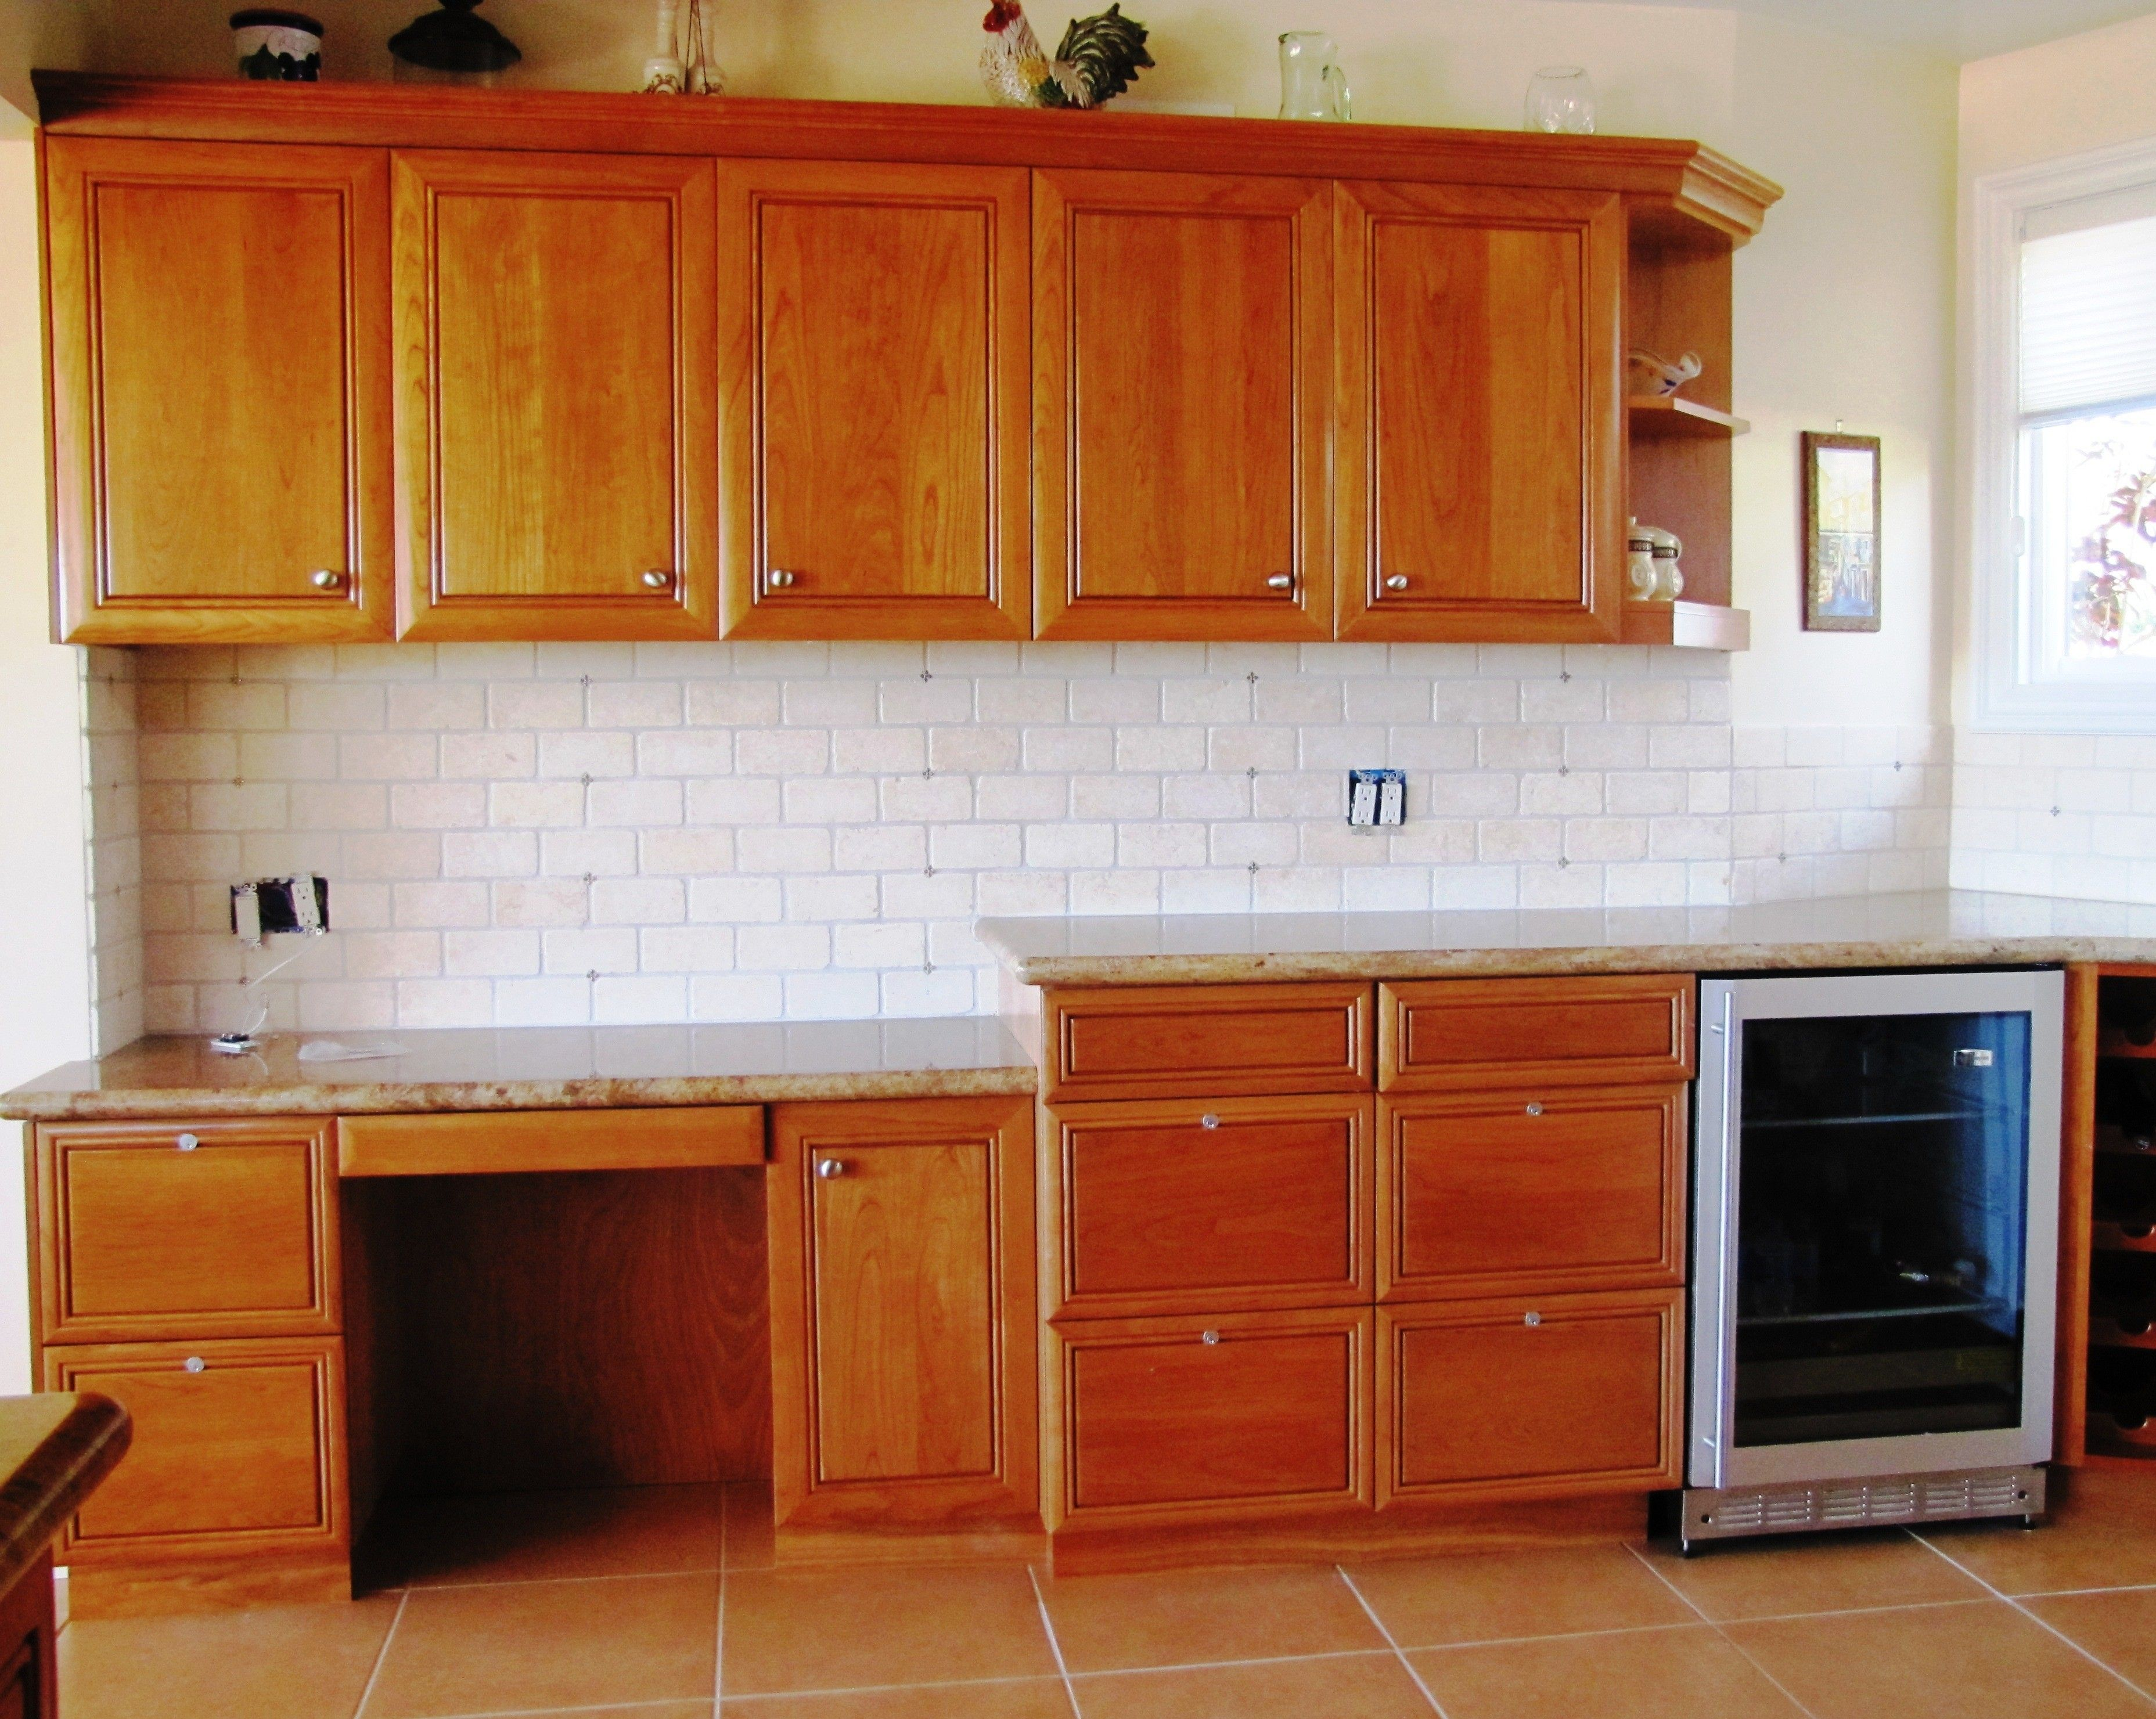 Subway Tile Backsplash Kitchen With Medium Wood Cabinets Google